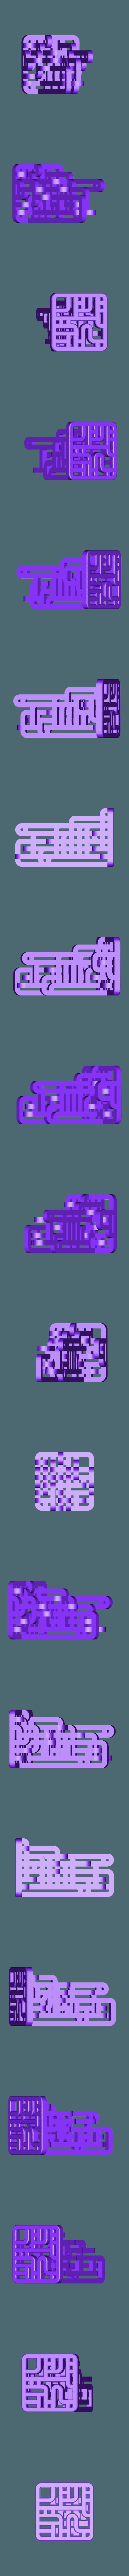 medium4.stl Télécharger fichier STL gratuit Boucles de procédure • Design imprimable en 3D, ferjerez3d